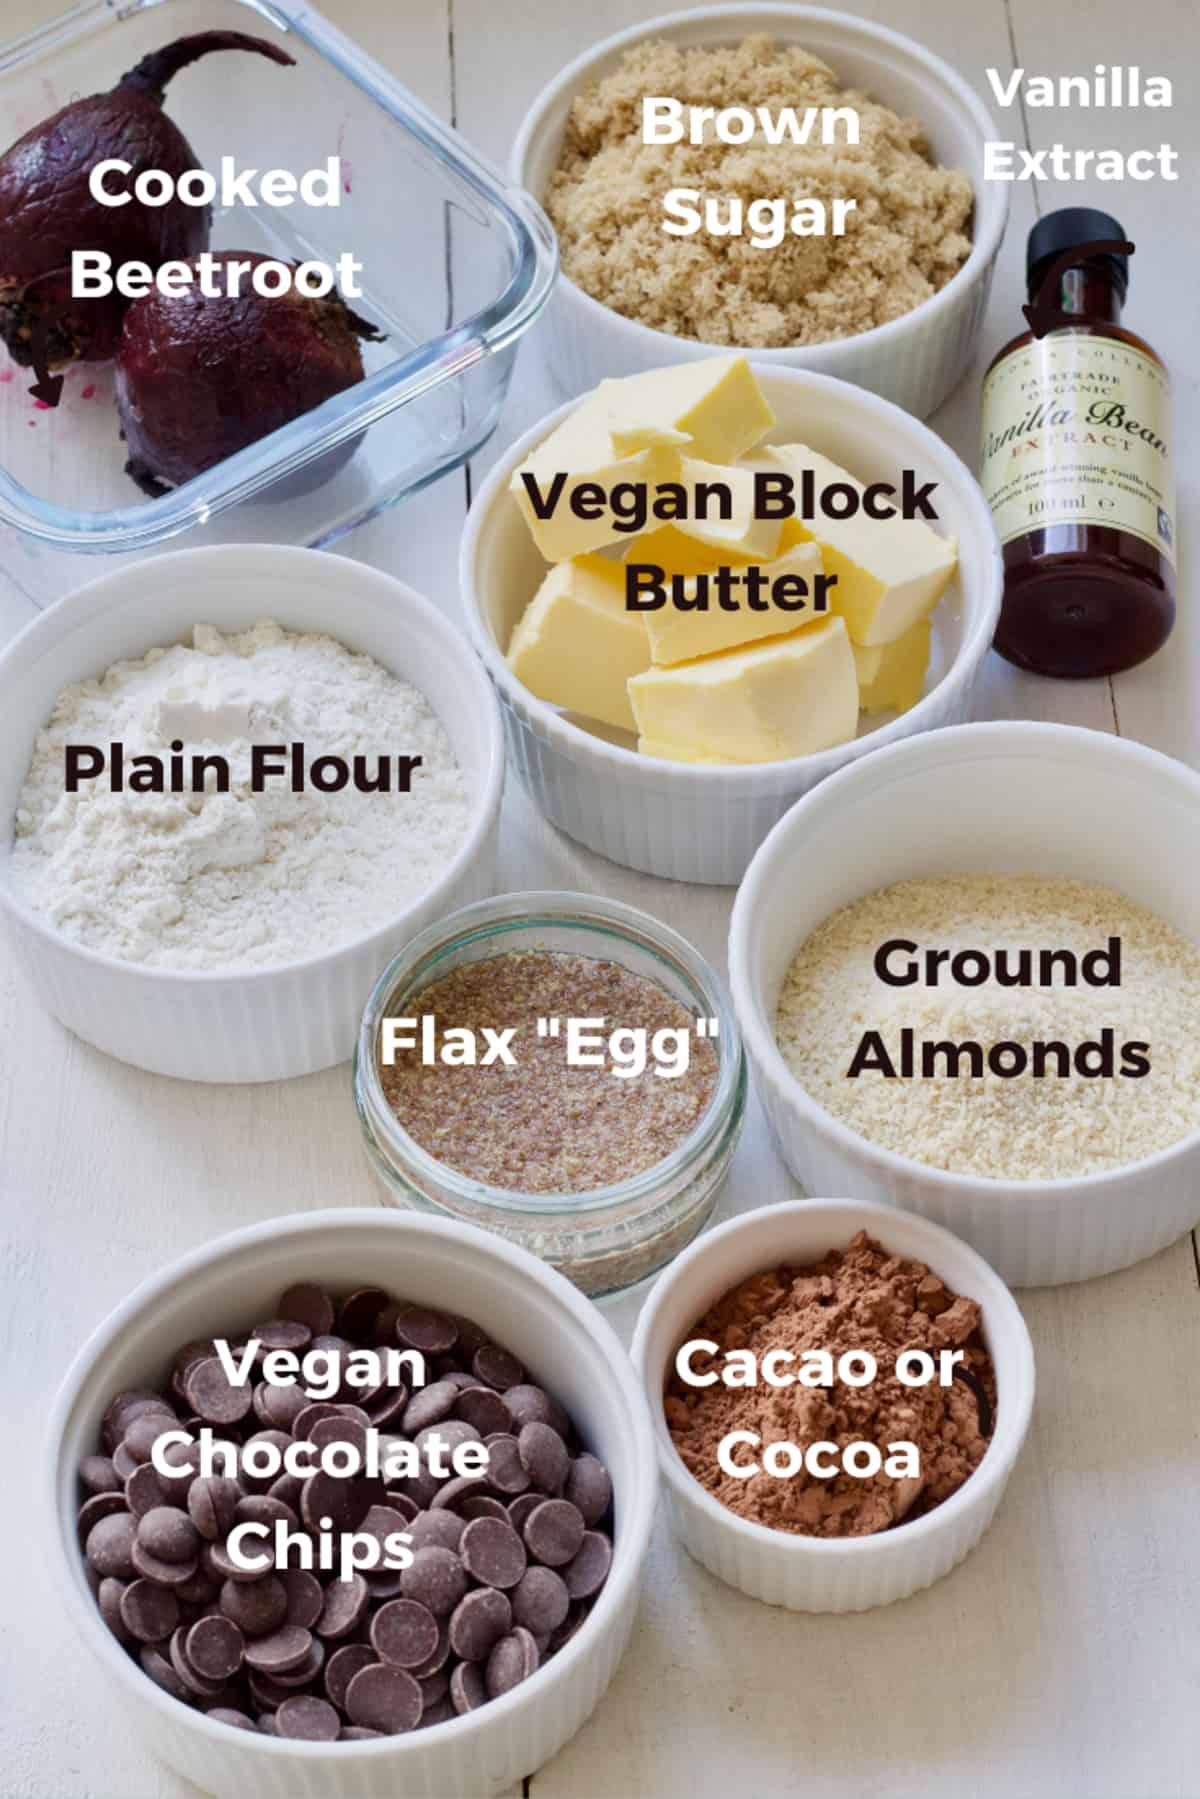 Ingredients to make vegan beetroot brownies.